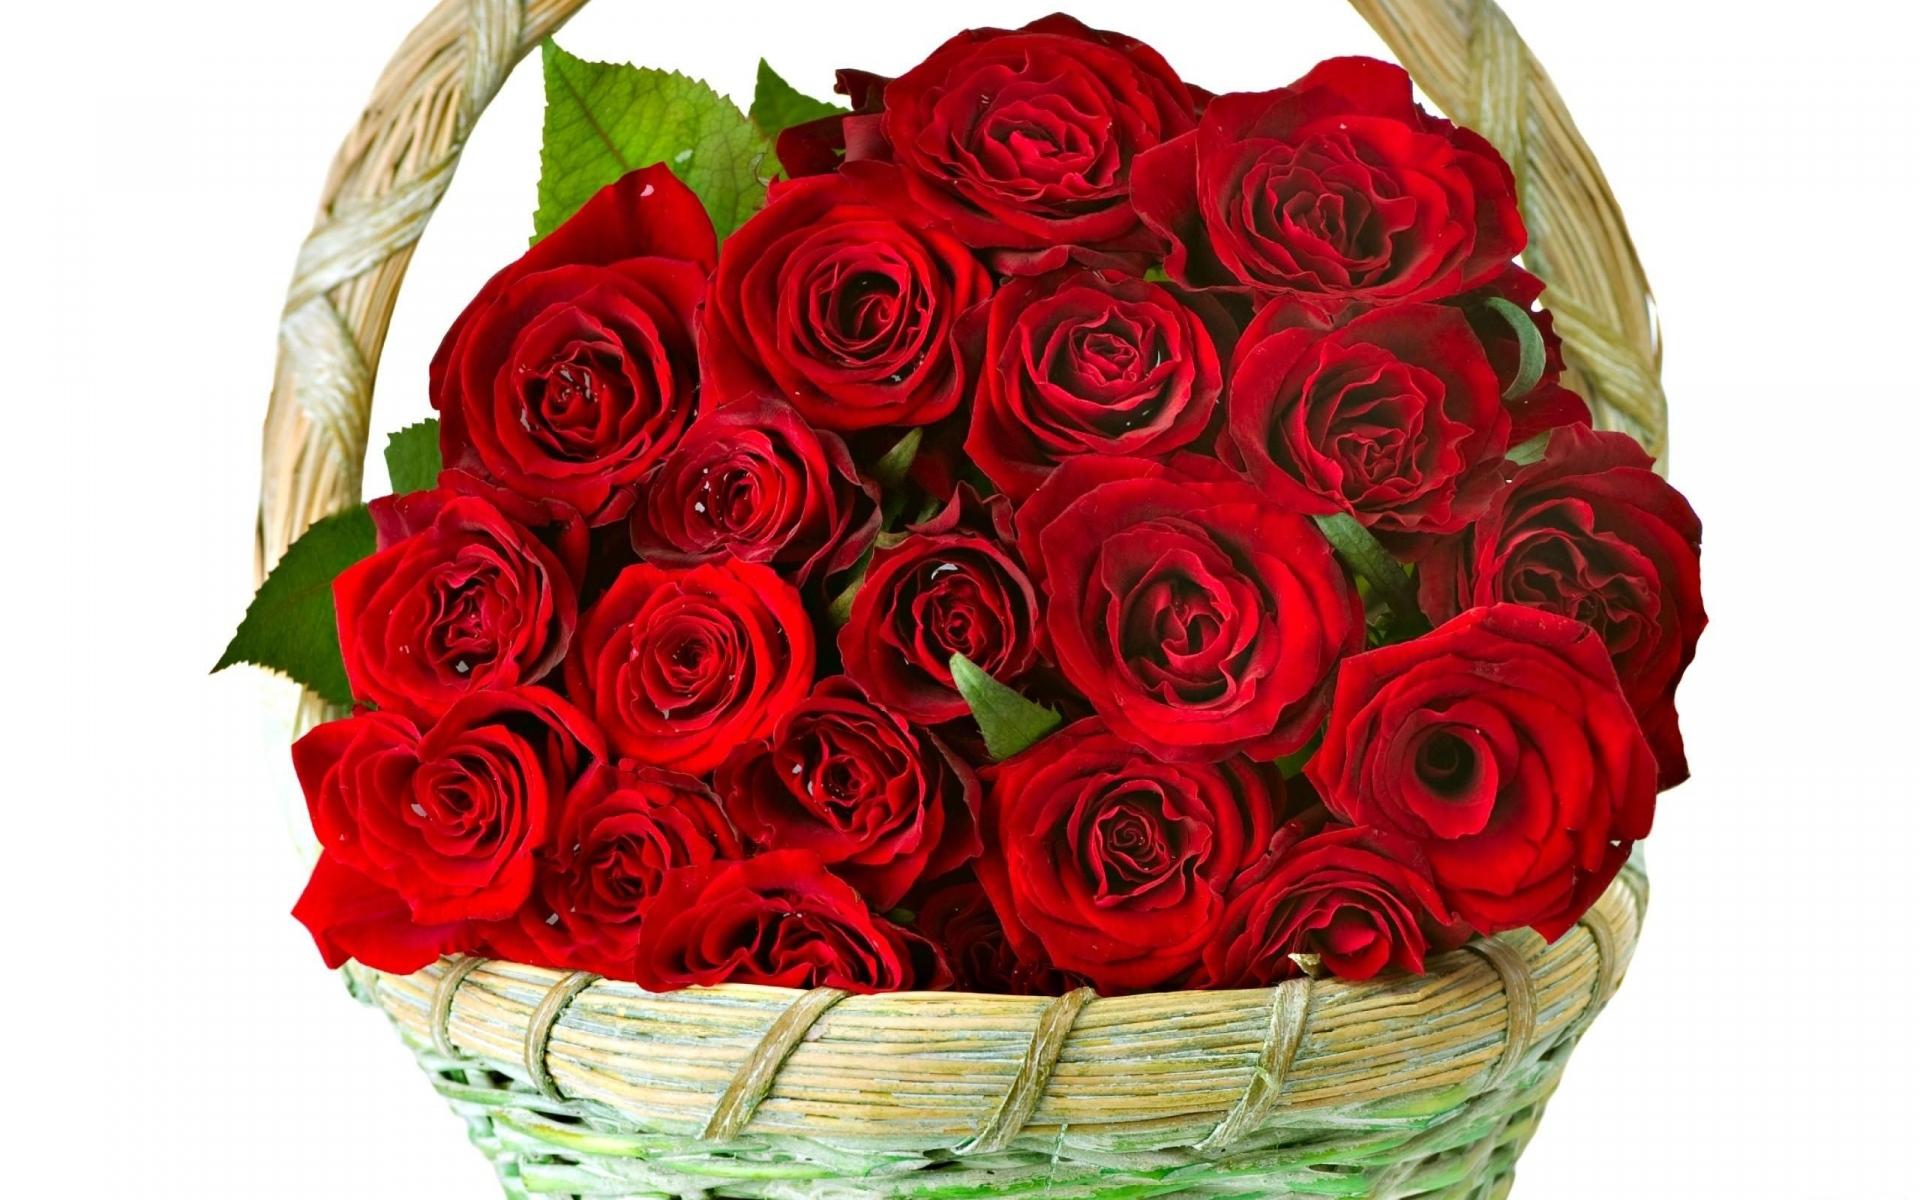 Картинки Розы, цветы, куча, корзина, ловко фото и обои на рабочий стол